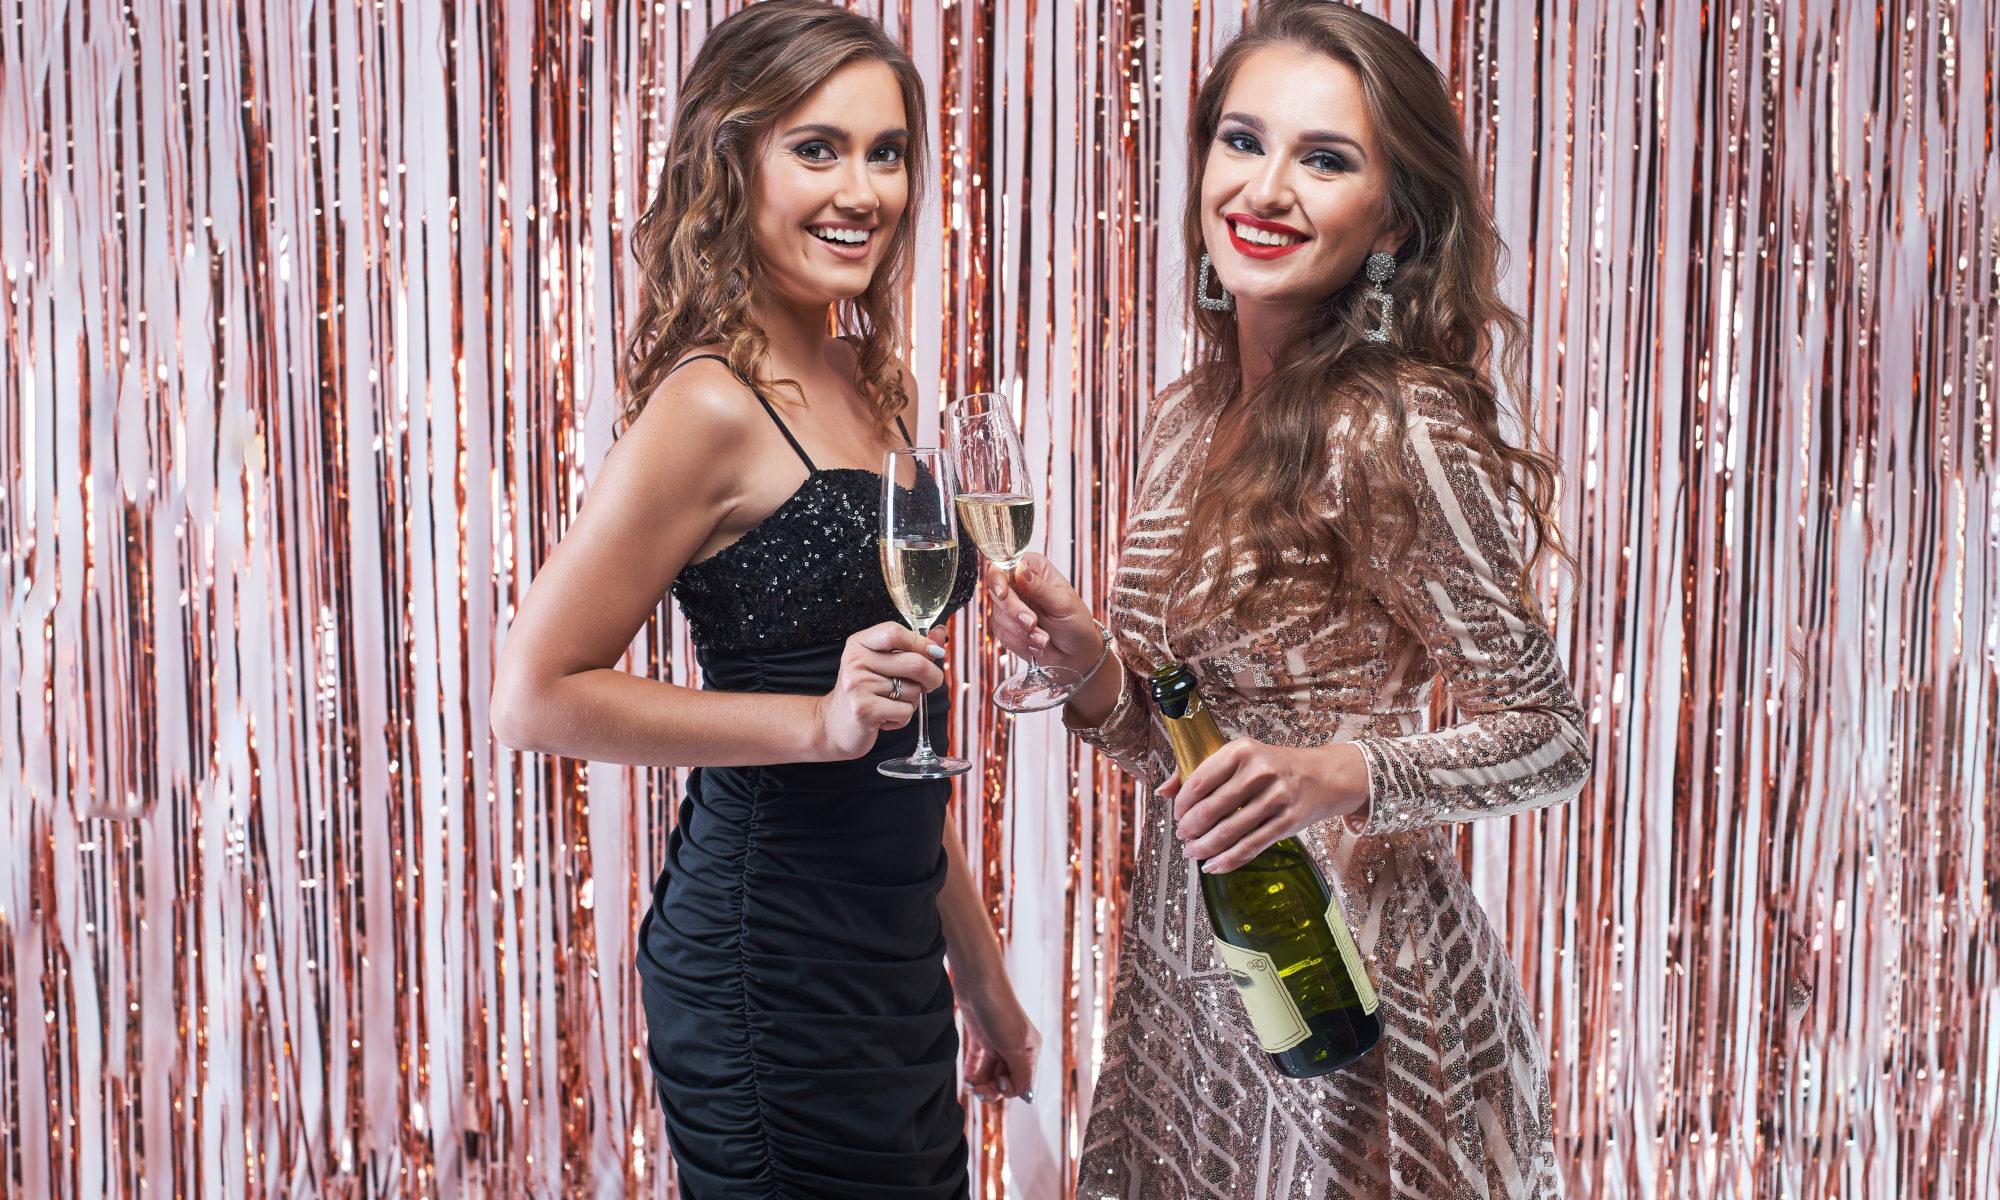 dwie imprezowe dziewczyny z butelką szampana